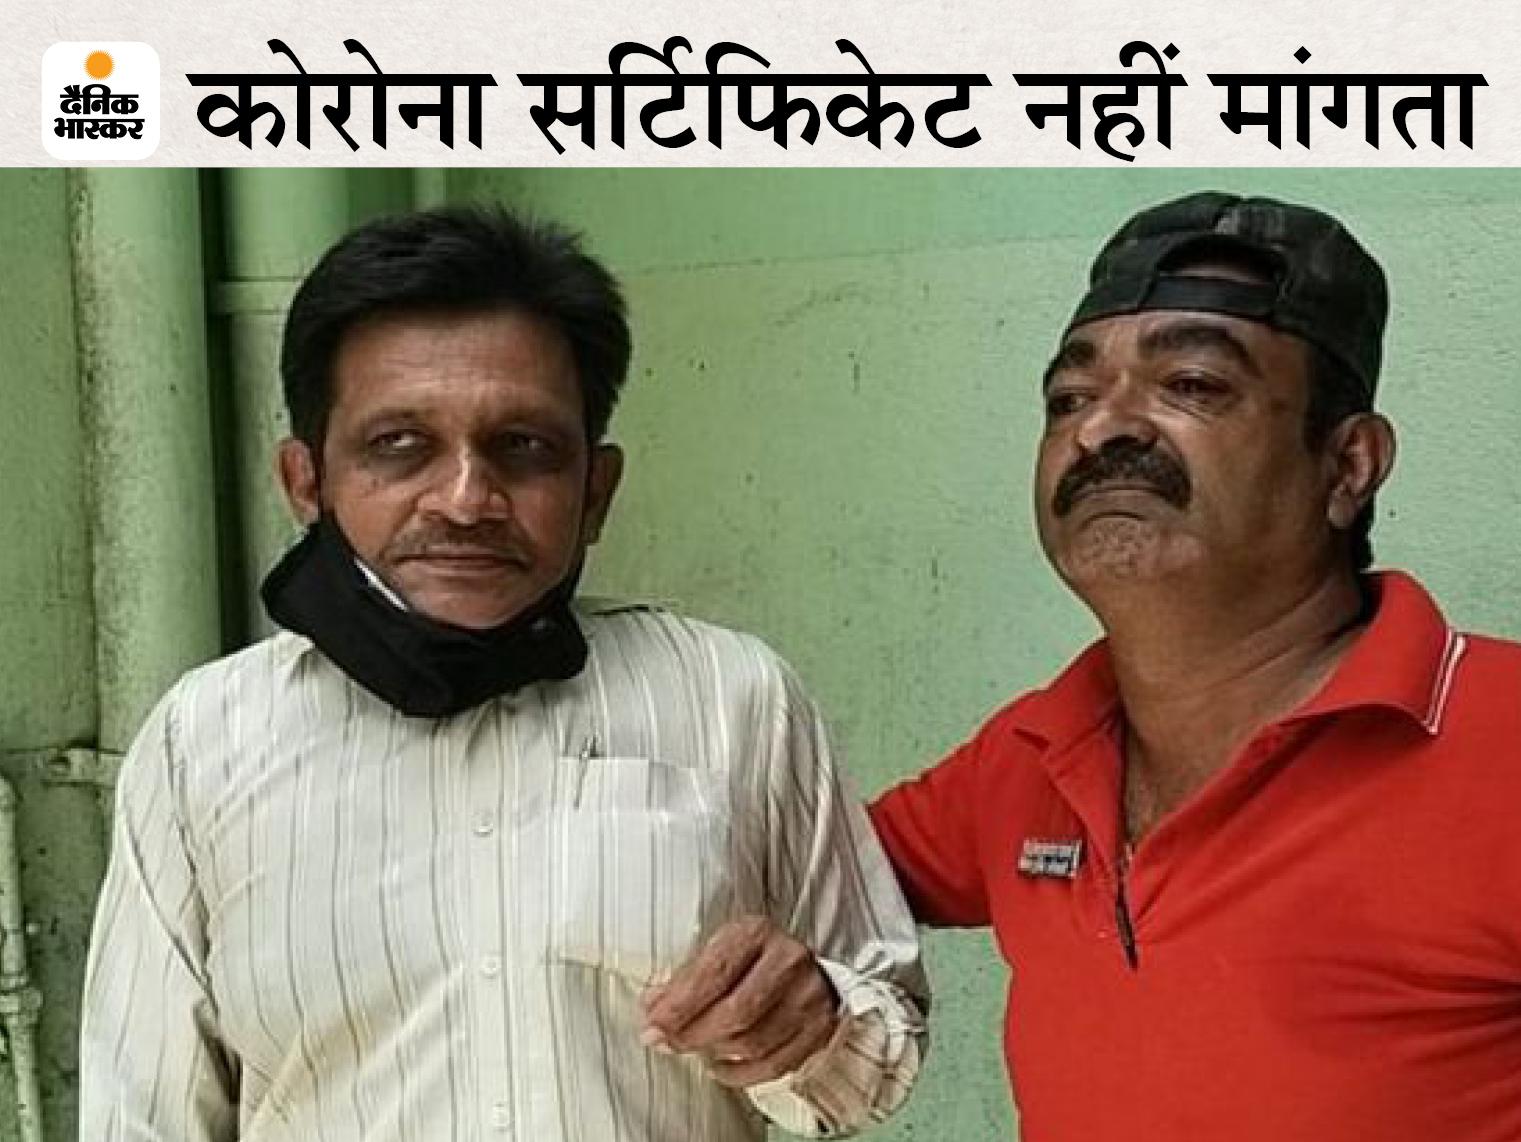 बेटे को नौकरी के लिए चाहिए था वैक्सीनेशन सर्टिफिकेट, पिता स्लॉट बुक करवा कर केंद्र पहुंचा, डोज से पहले भागने लगा, बोला - वैक्सीन पर भरोसा नहीं|इंदौर,Indore - Dainik Bhaskar